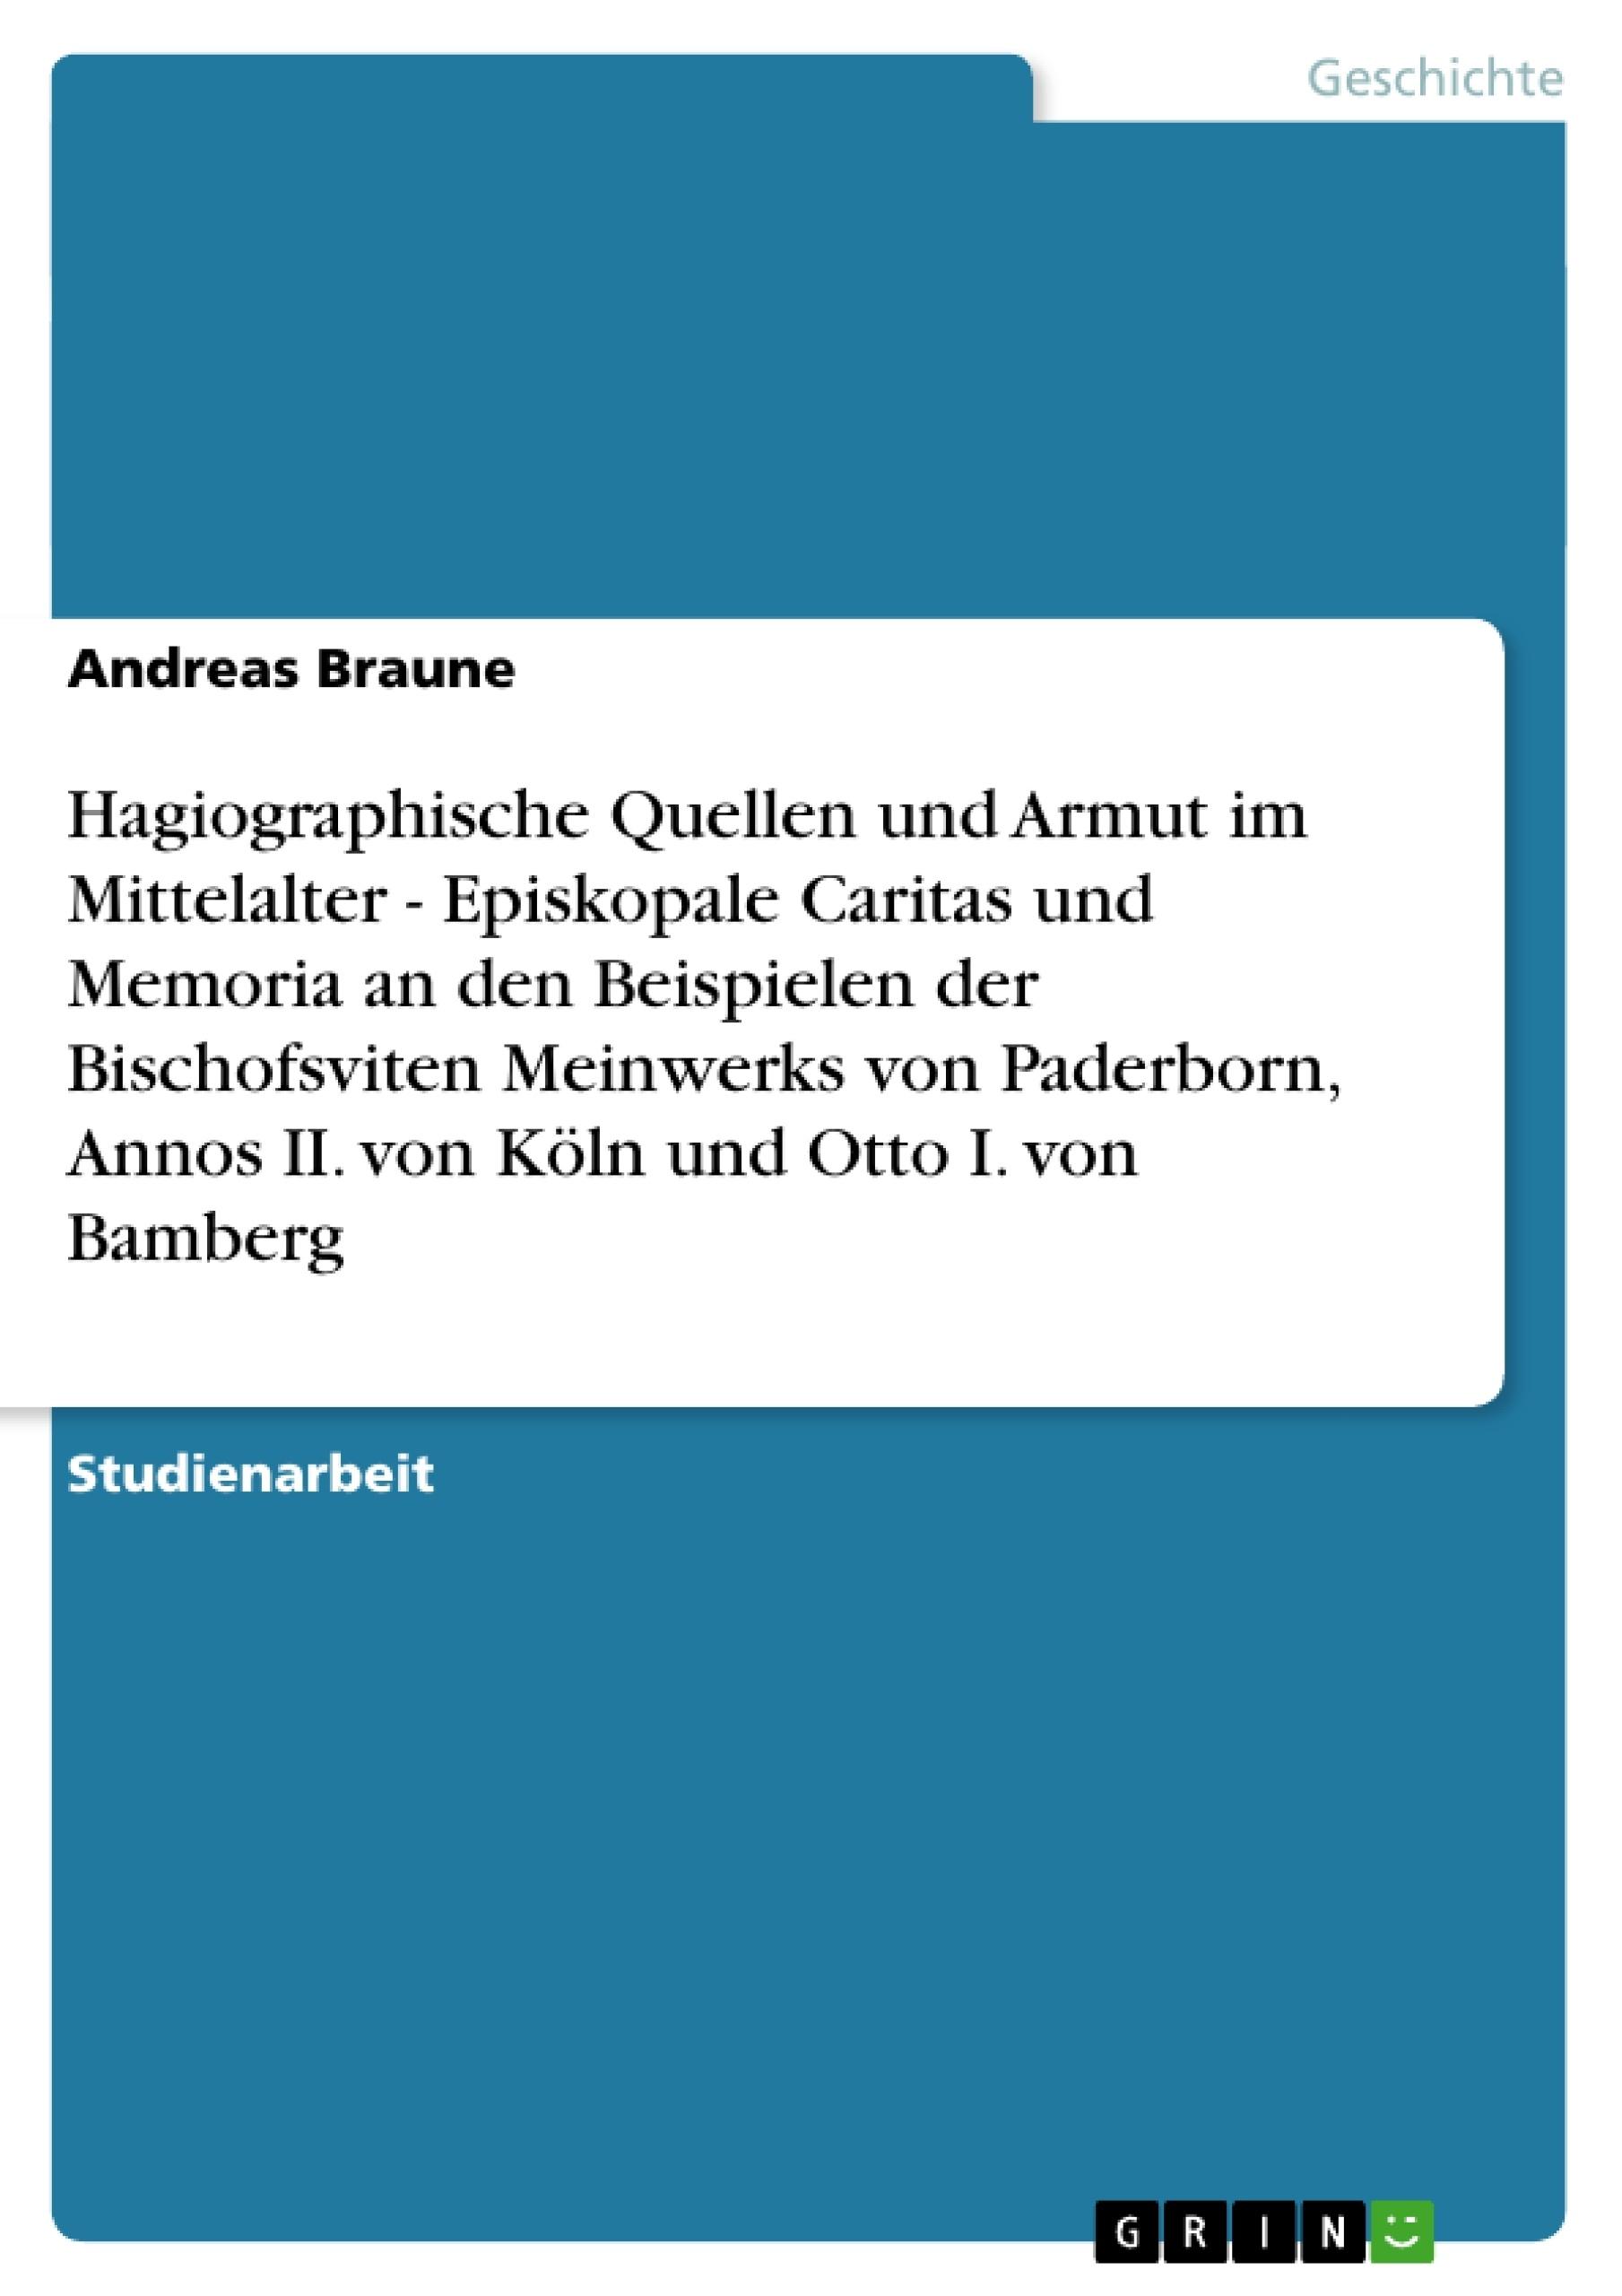 Titel: Hagiographische Quellen und Armut im Mittelalter - Episkopale Caritas und Memoria an den Beispielen der Bischofsviten Meinwerks von Paderborn, Annos II. von Köln und Otto I. von Bamberg